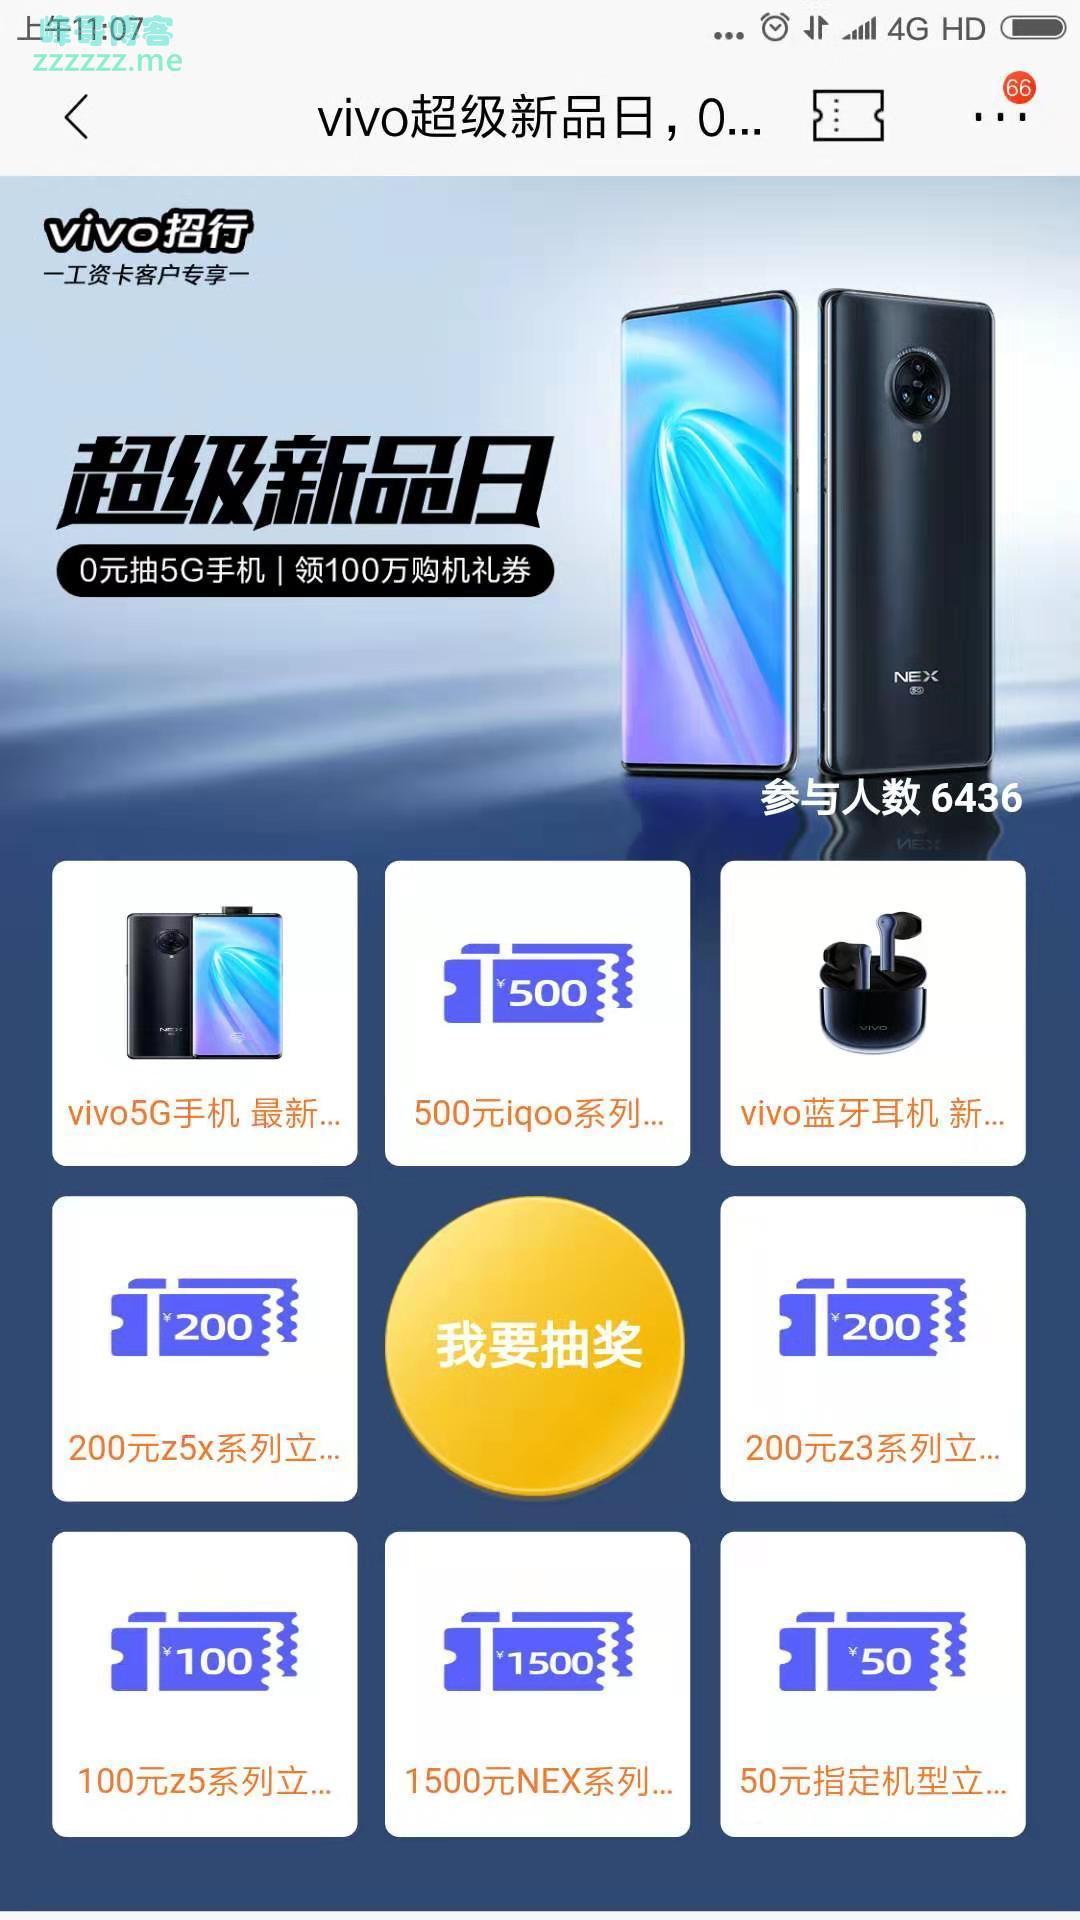 招行VIVO超级新品日抽5G手机(截止9月23日)